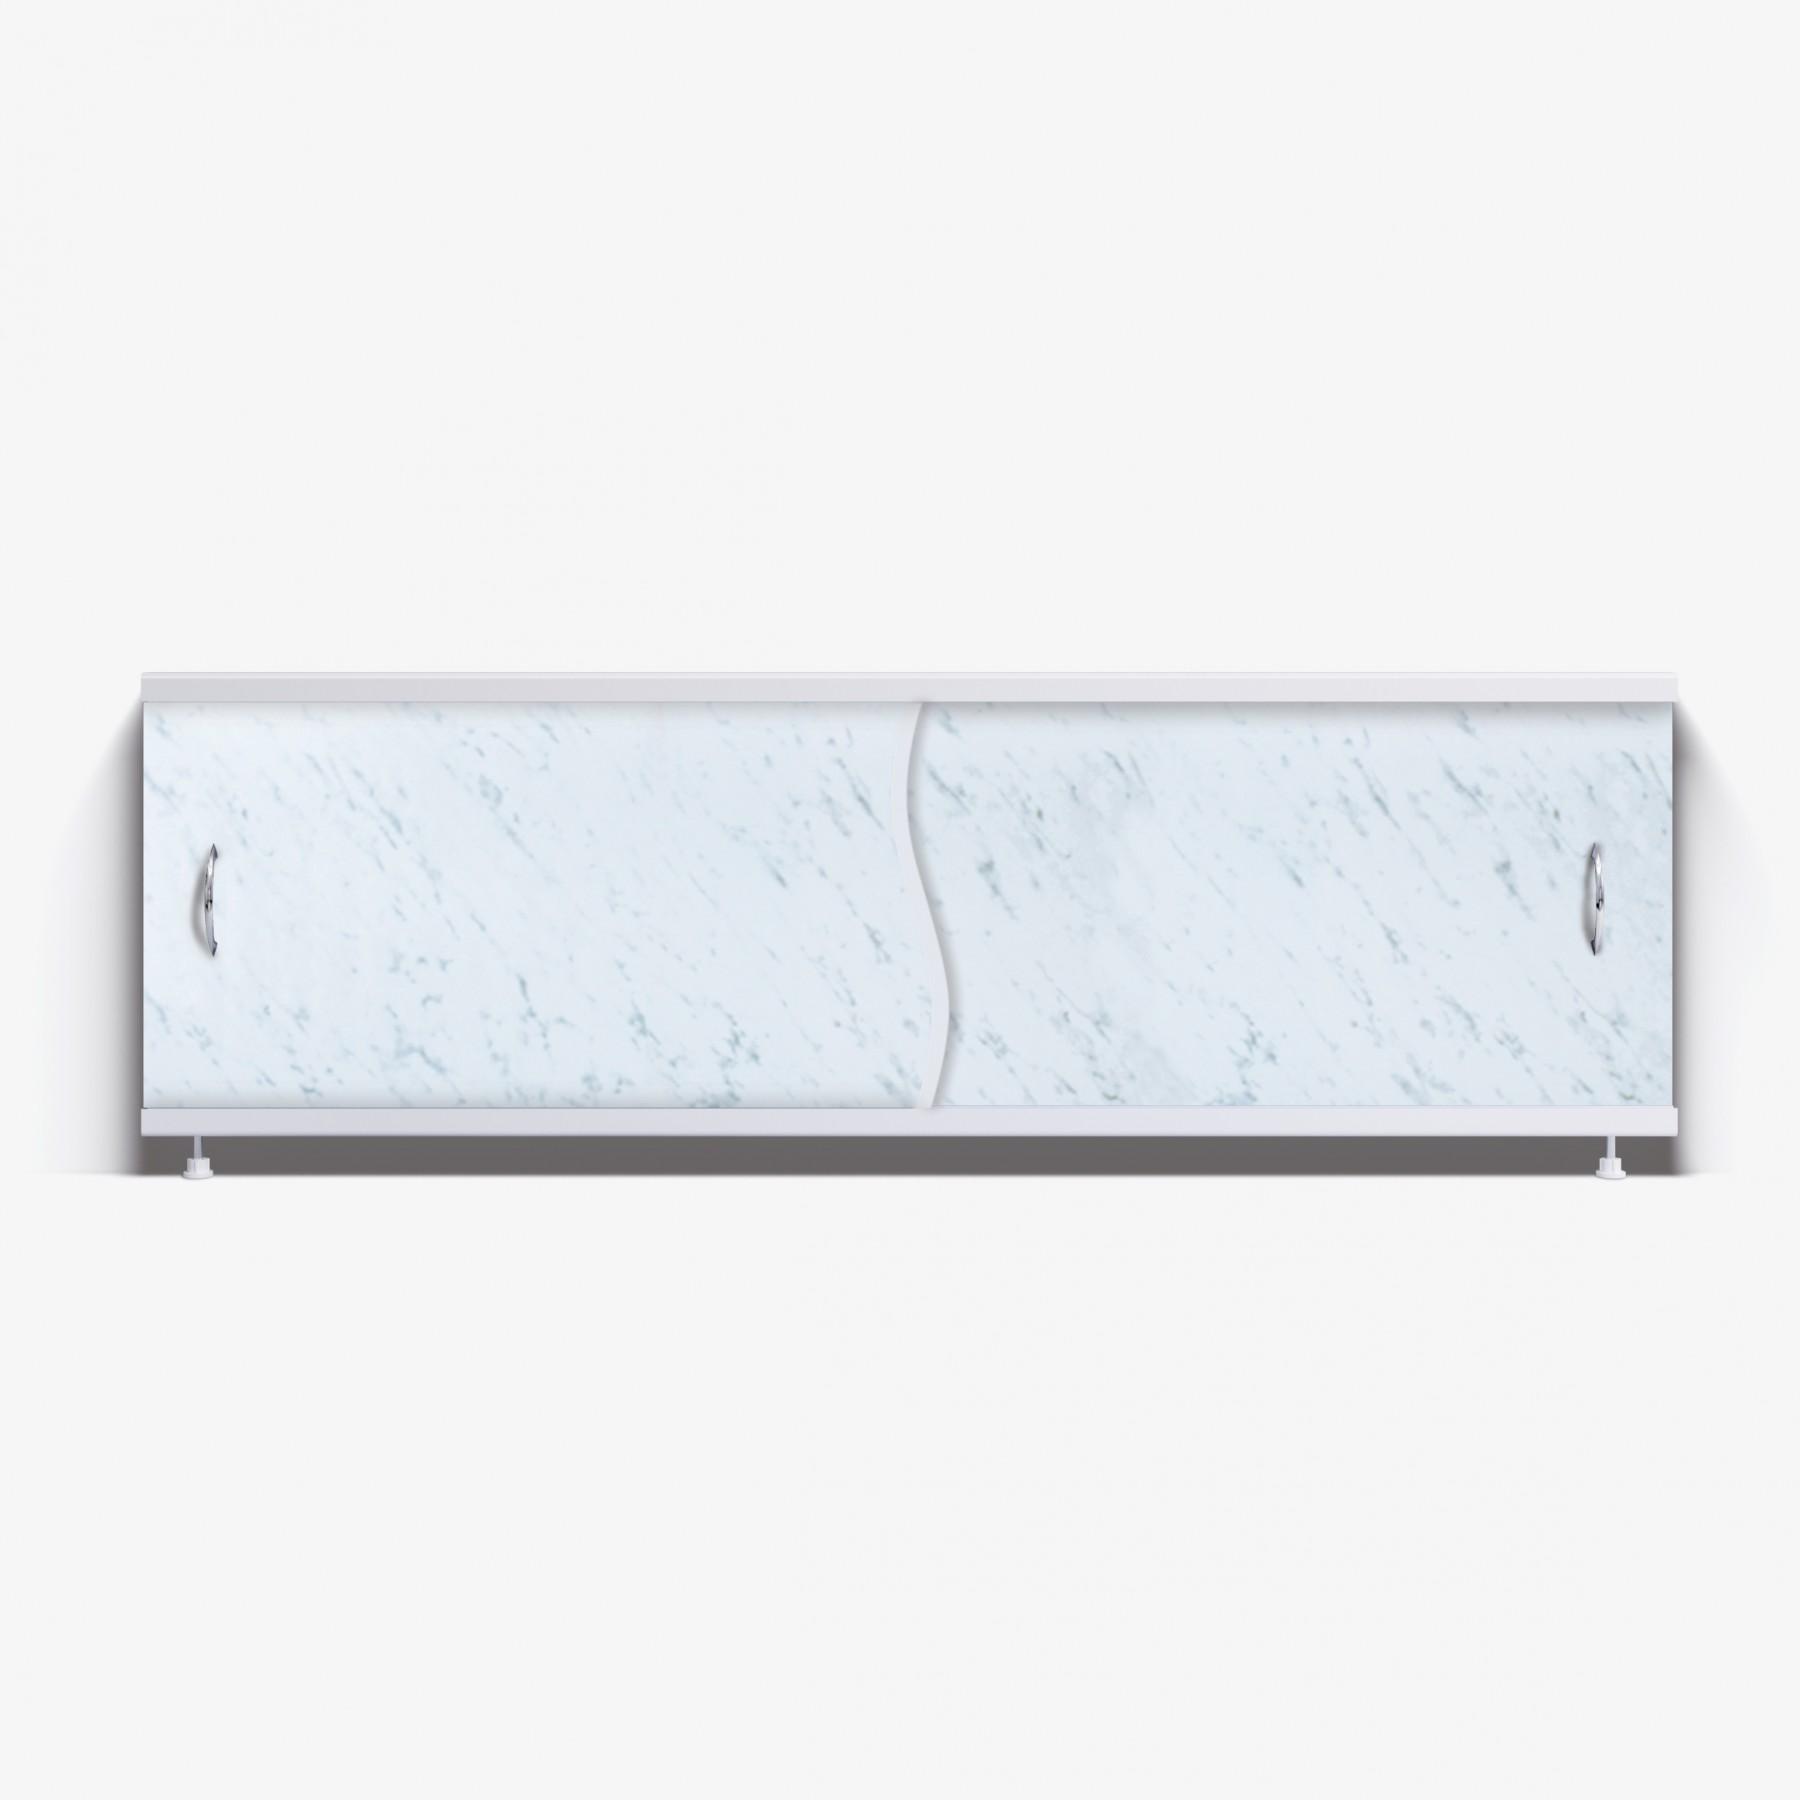 Экран под ванну Премьер 170 серые облака